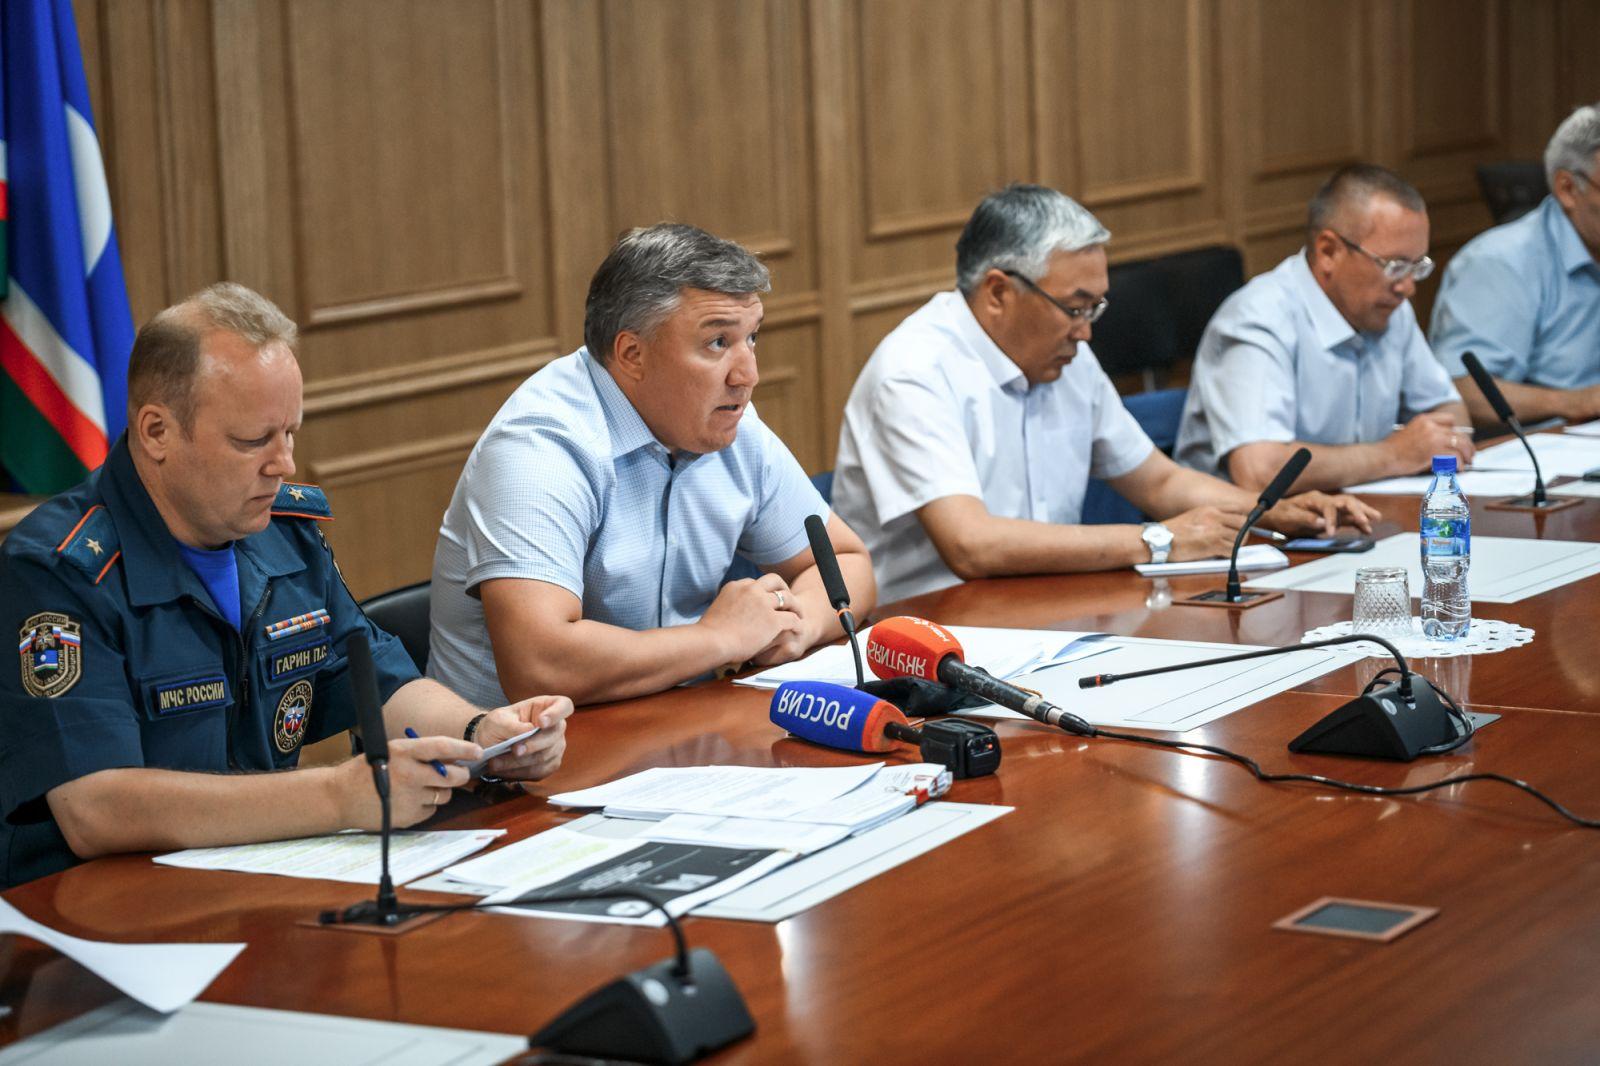 Денис Белозеров отметил ключевую роль местного населения в тушении лесных пожаров